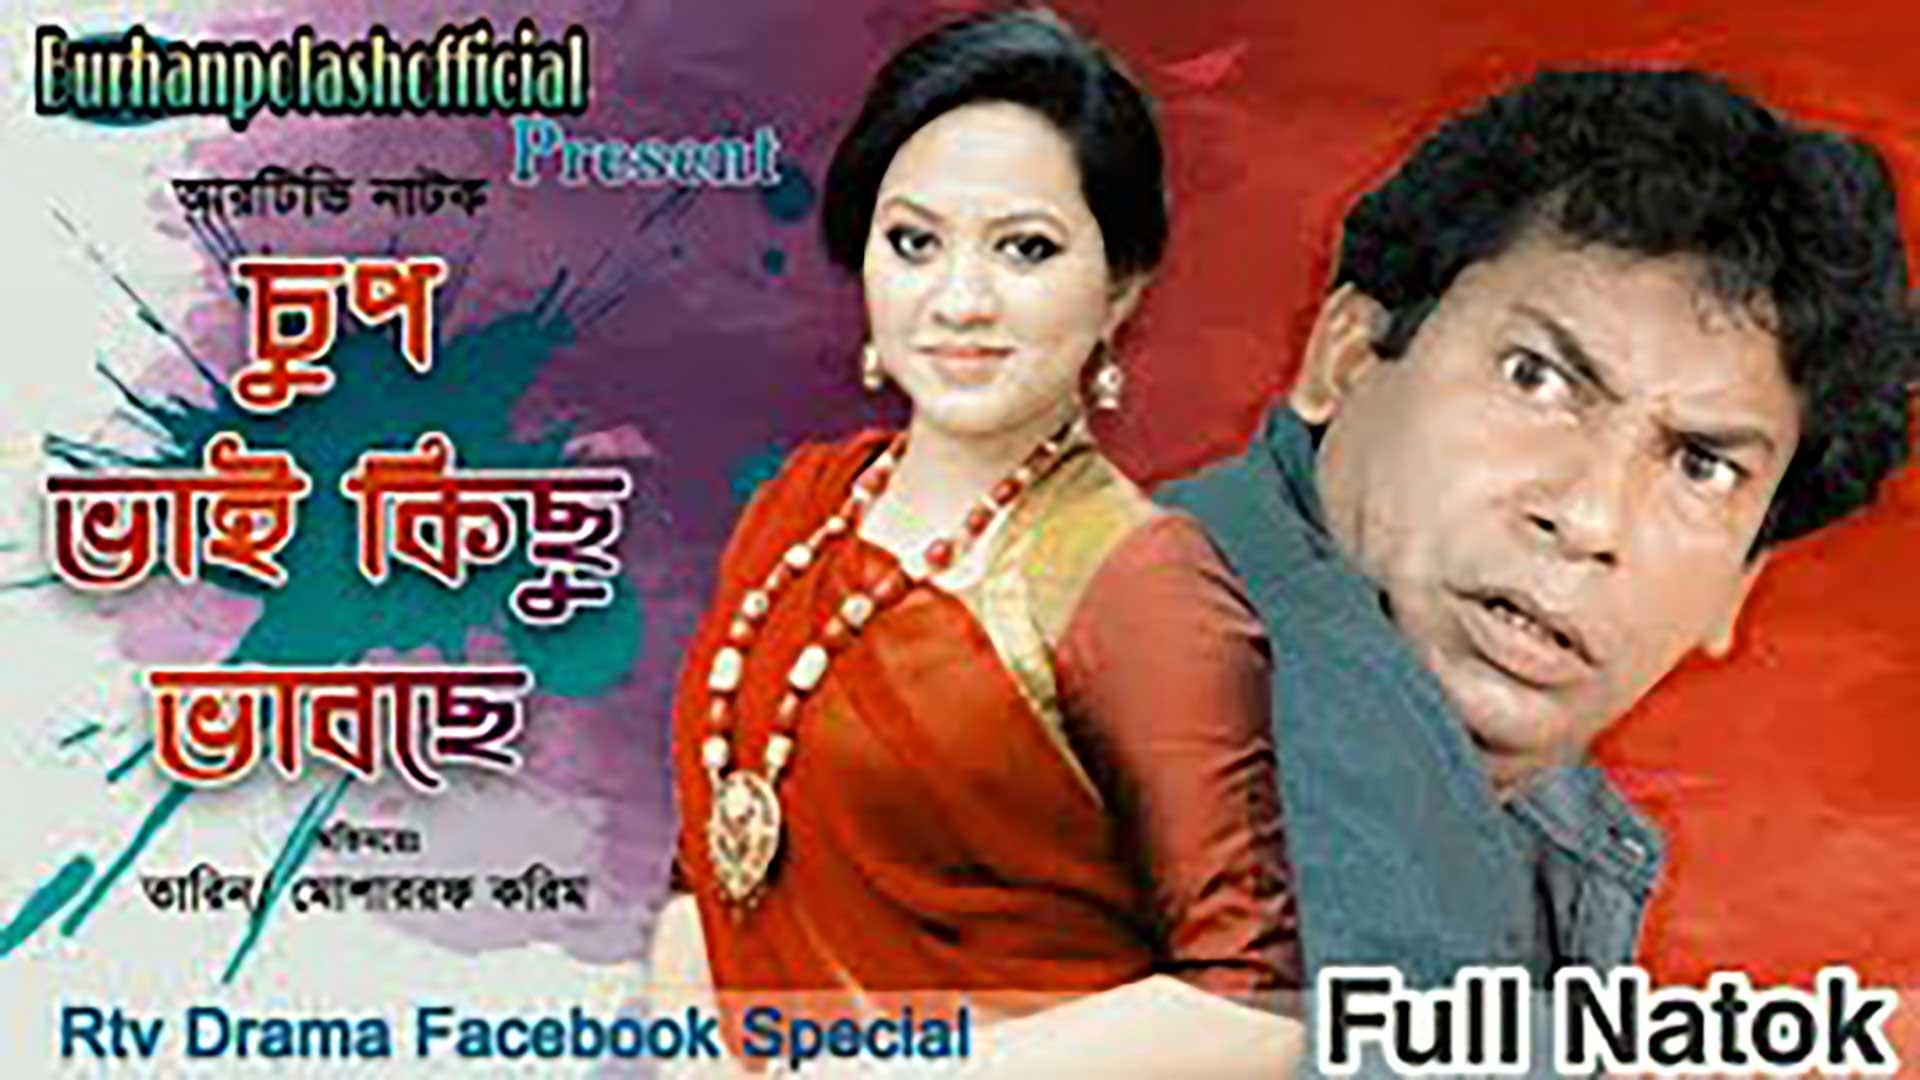 07-Chup-Bhai-Kichu-Vabche